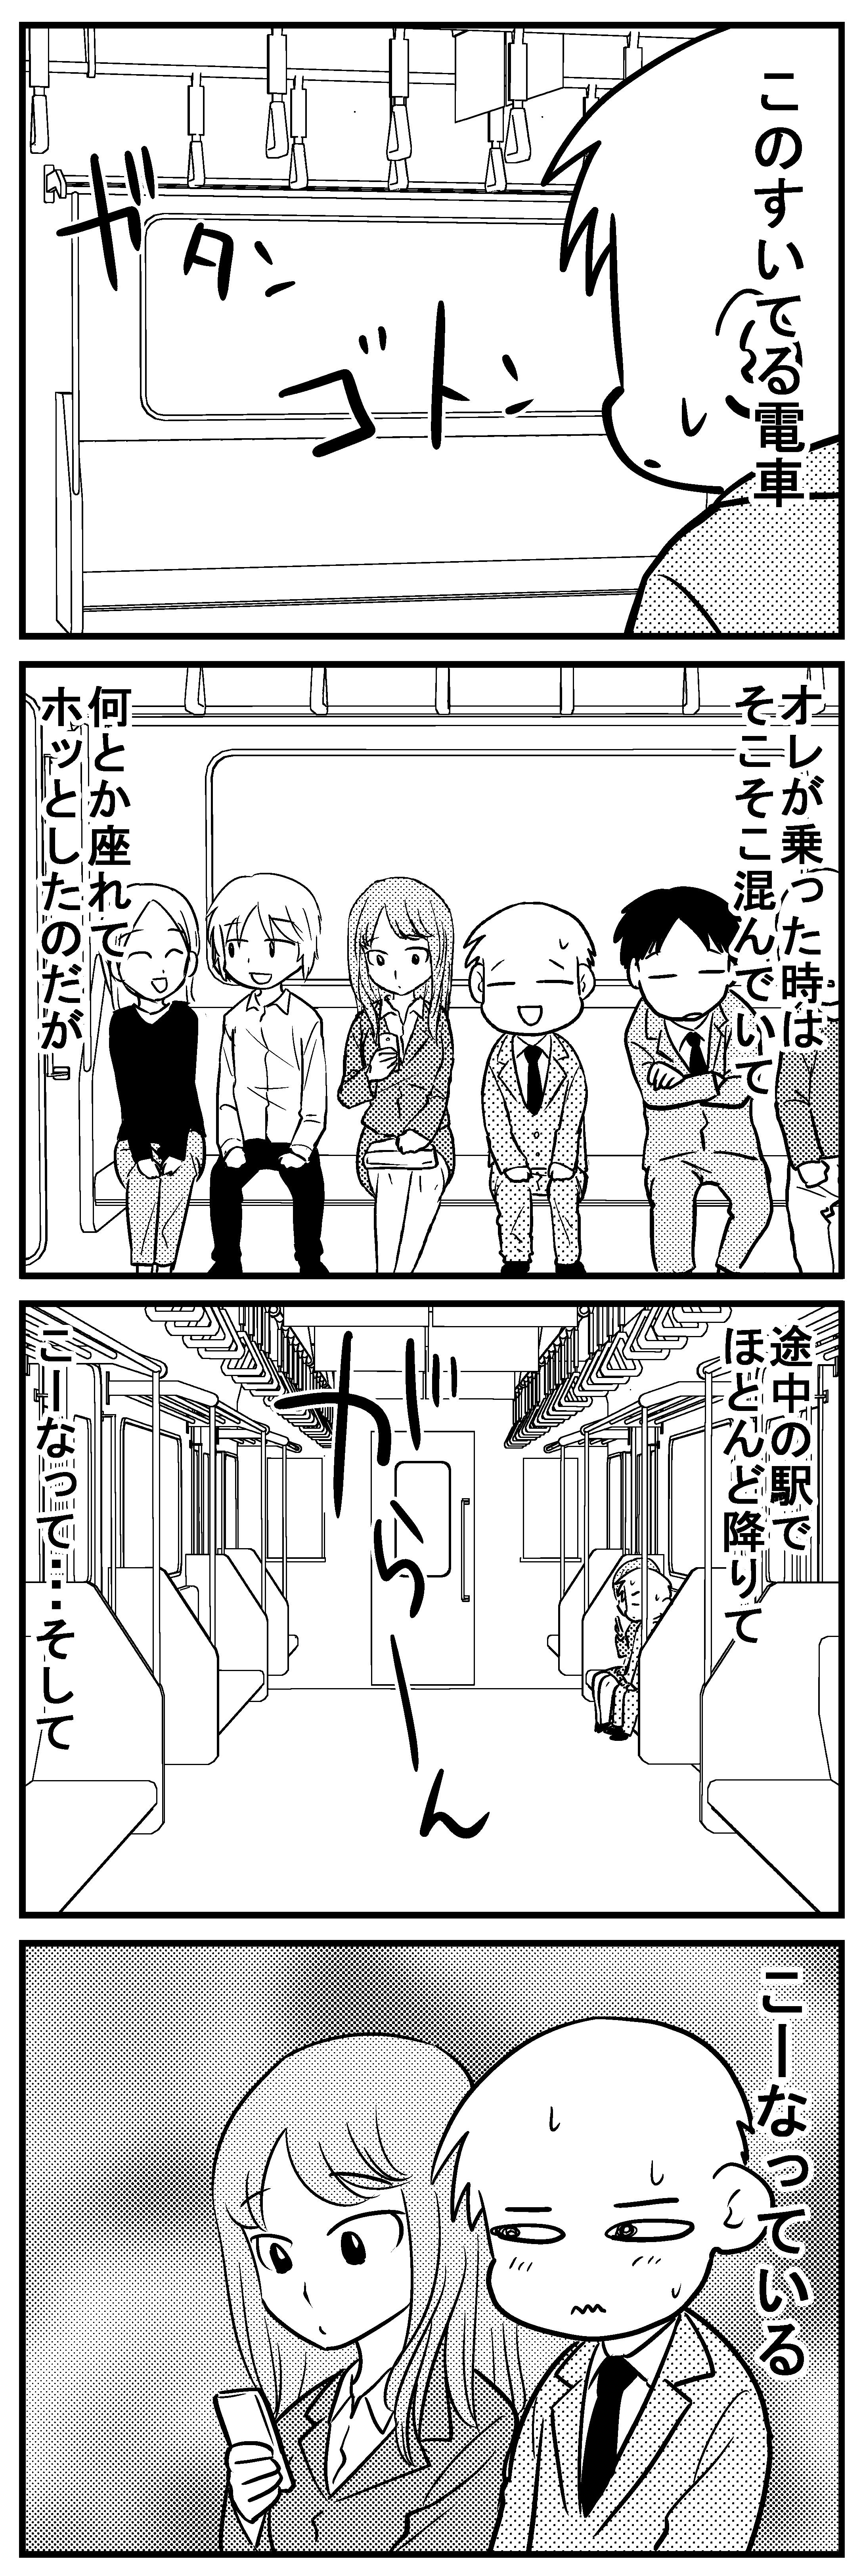 深読みくん49-1 (1)